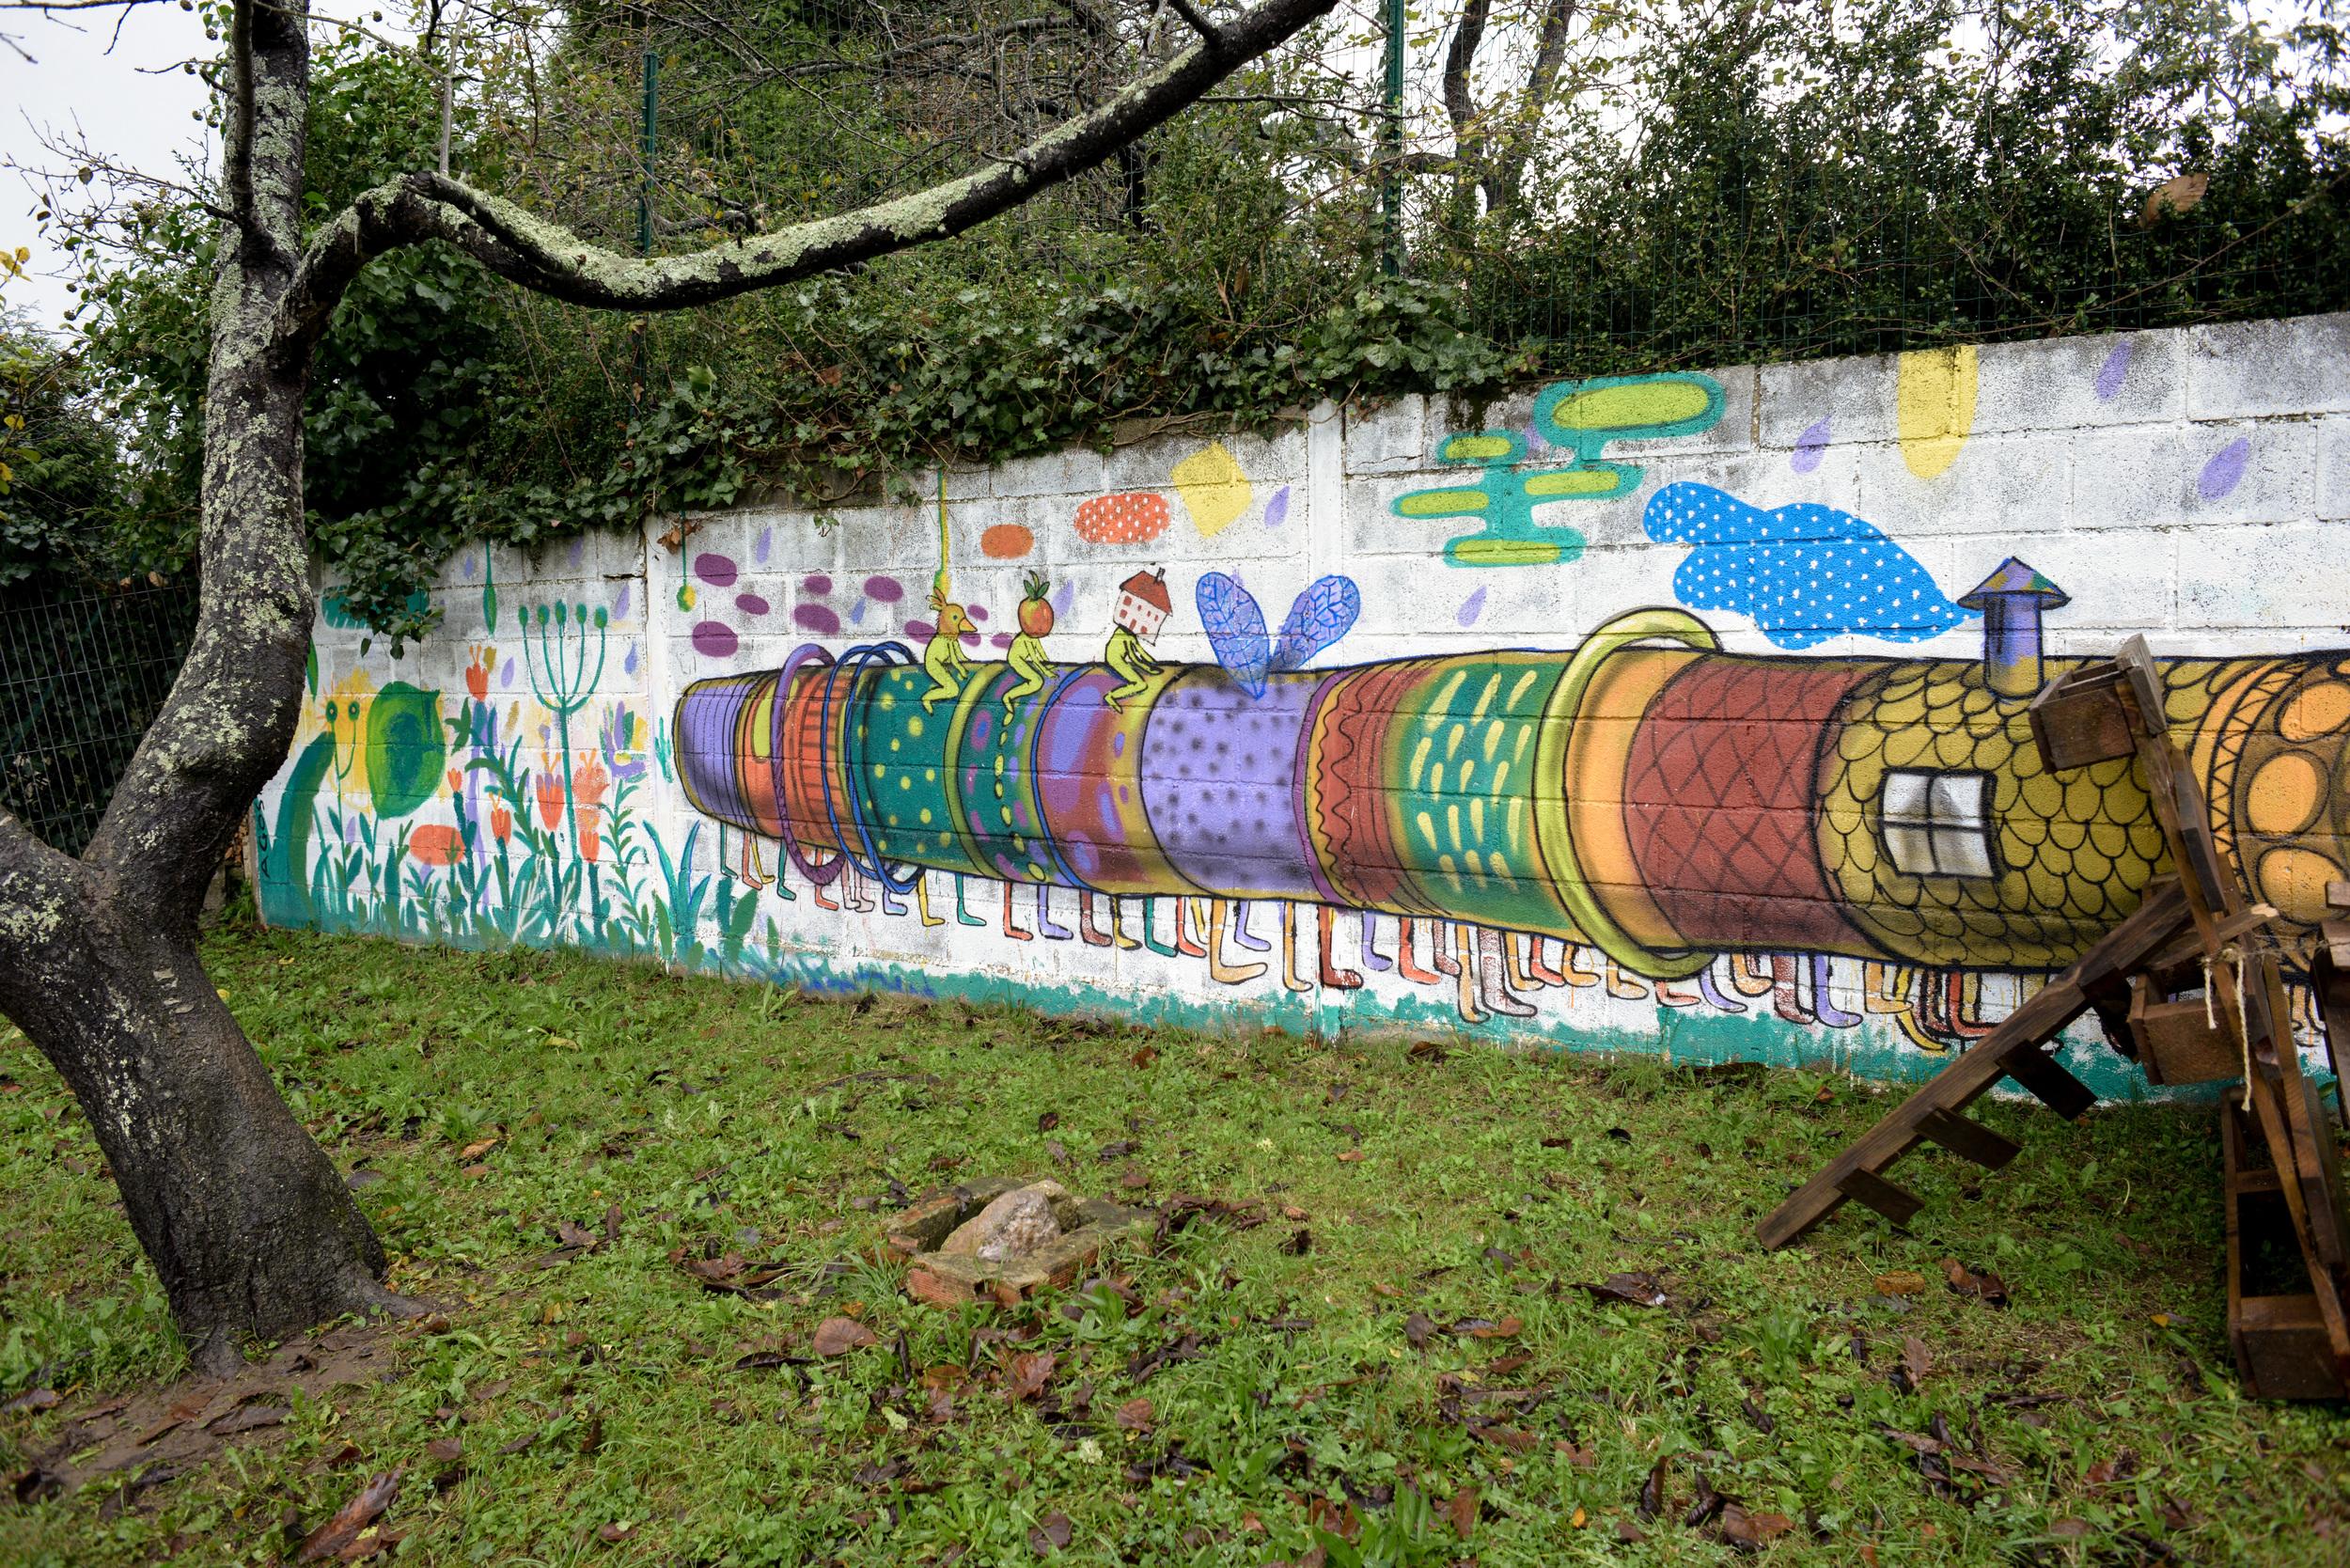 Un enorme graffiti multicolor alegra la vista de un muro de bloques en el patio de Andolina.